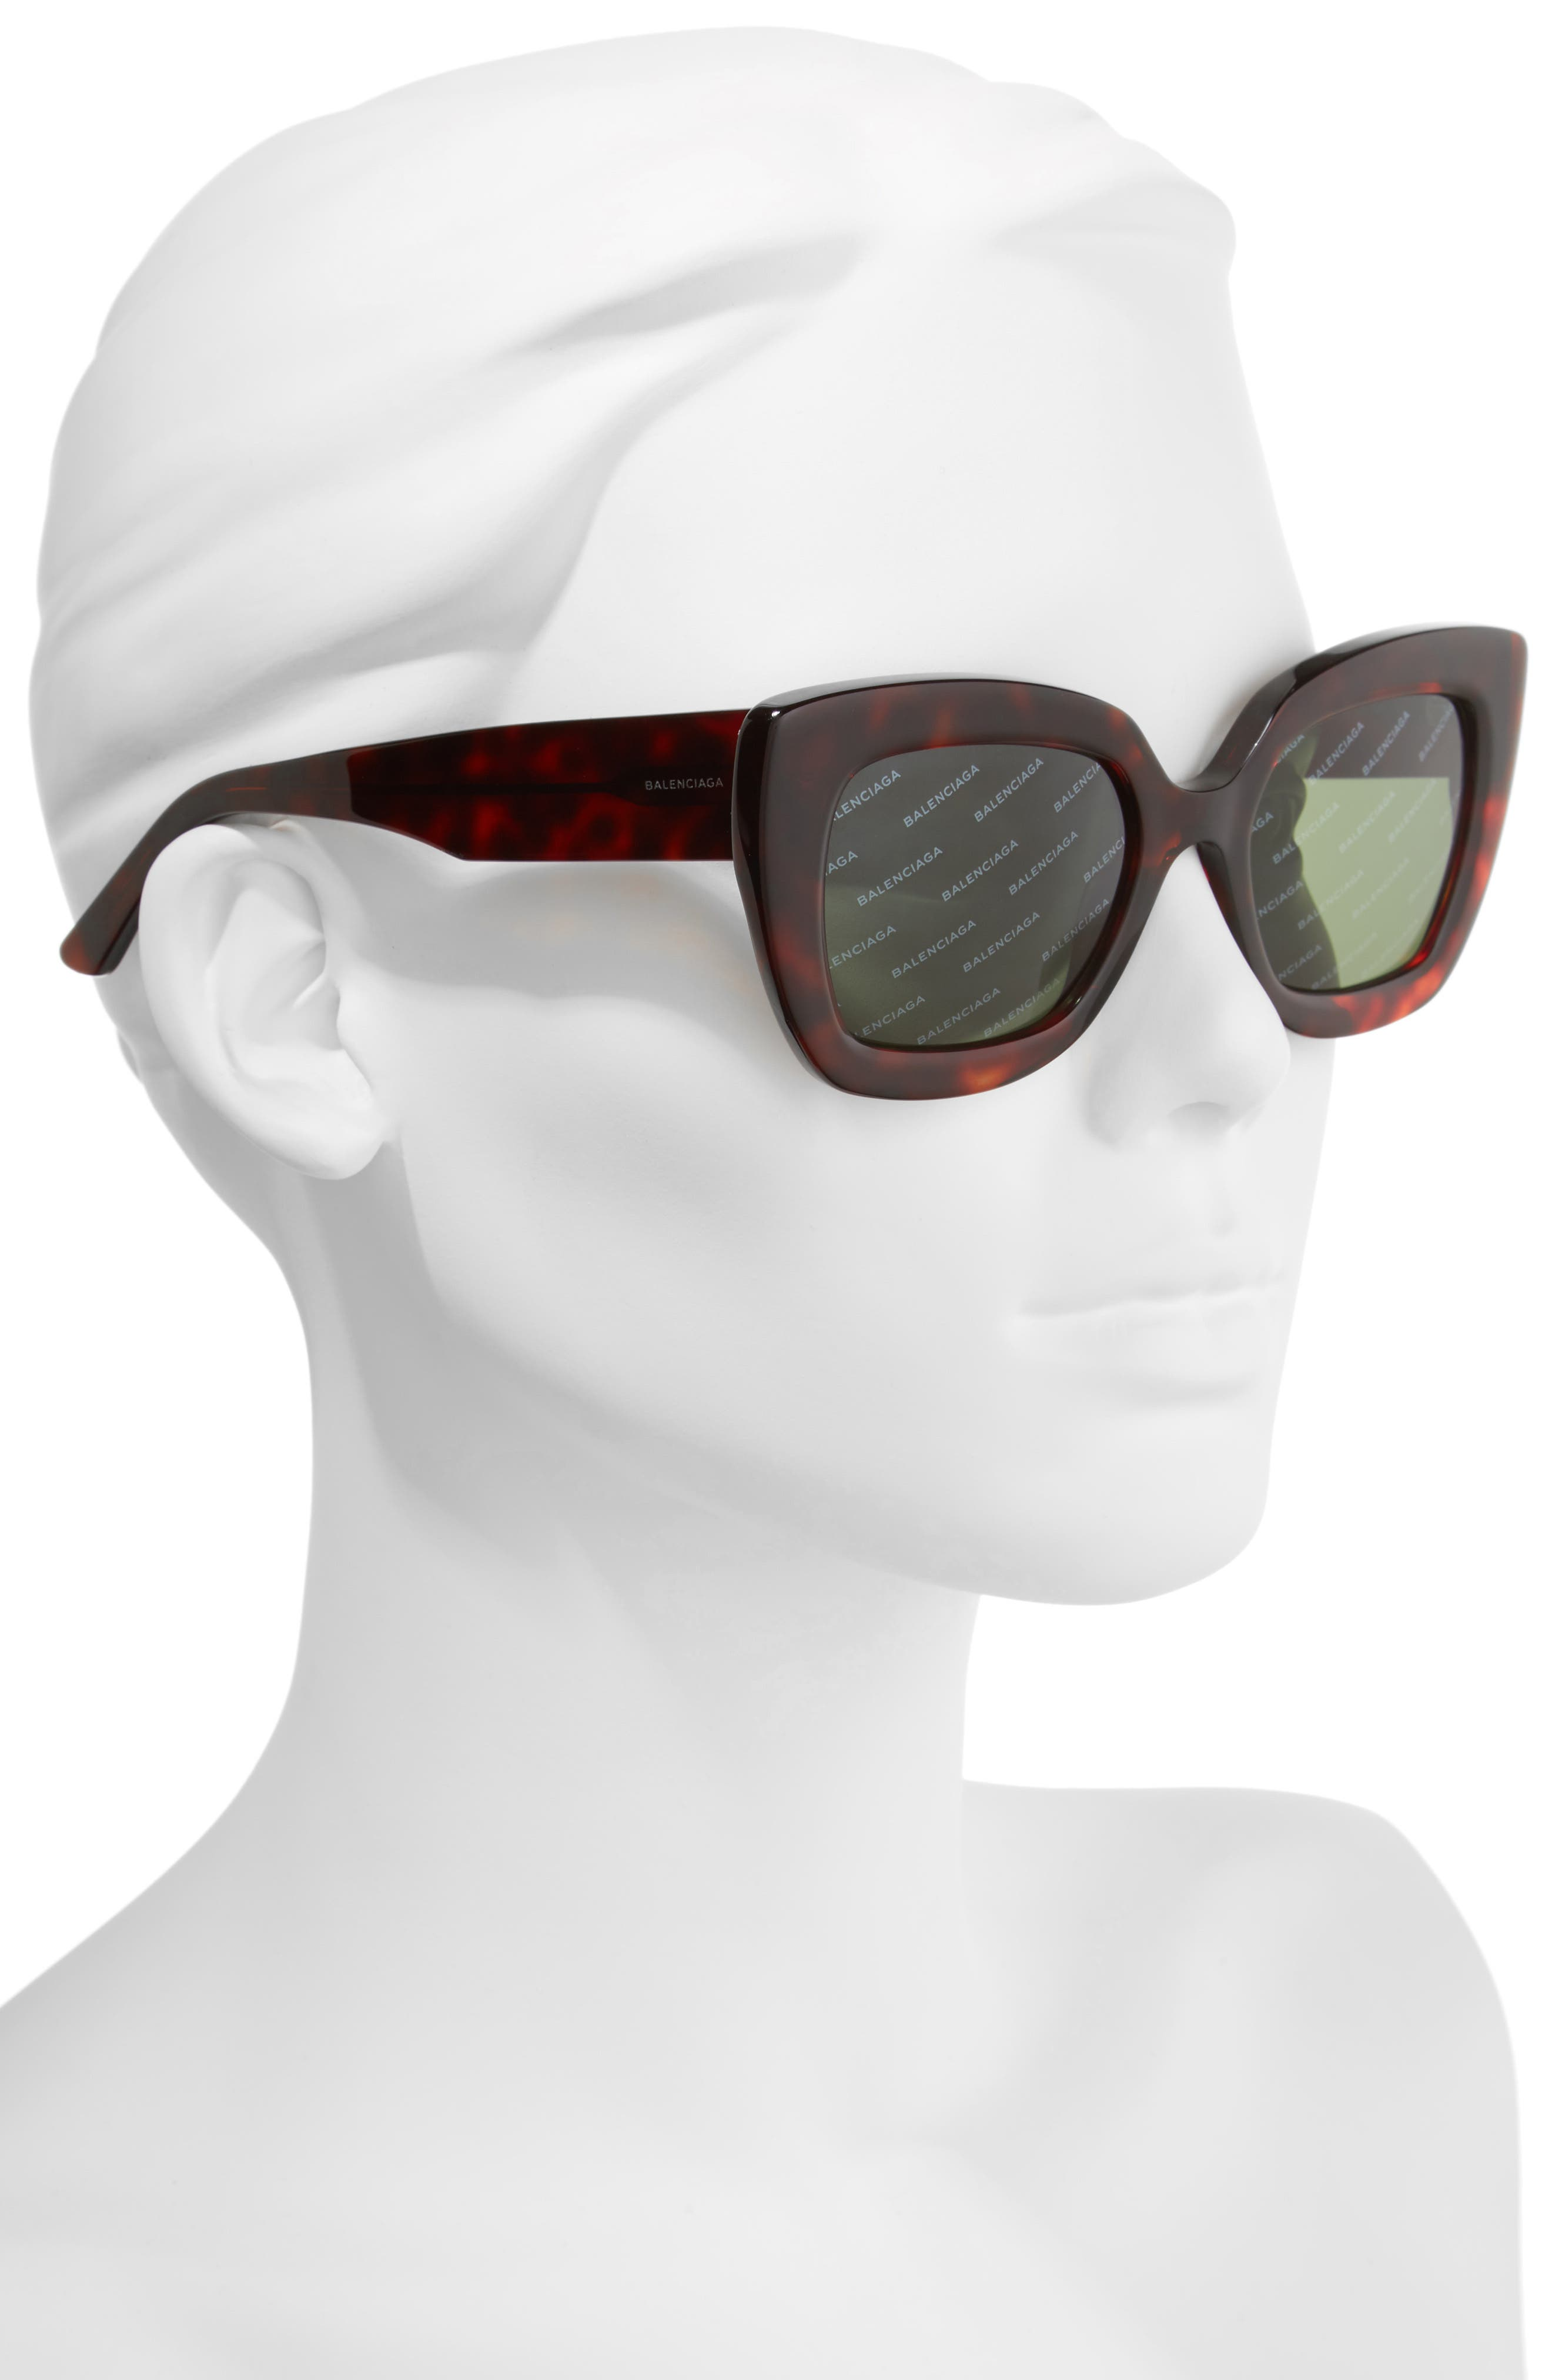 52mm Cat Eye Sunglasses,                             Alternate thumbnail 2, color,                             RED HAVANA/ GREEN